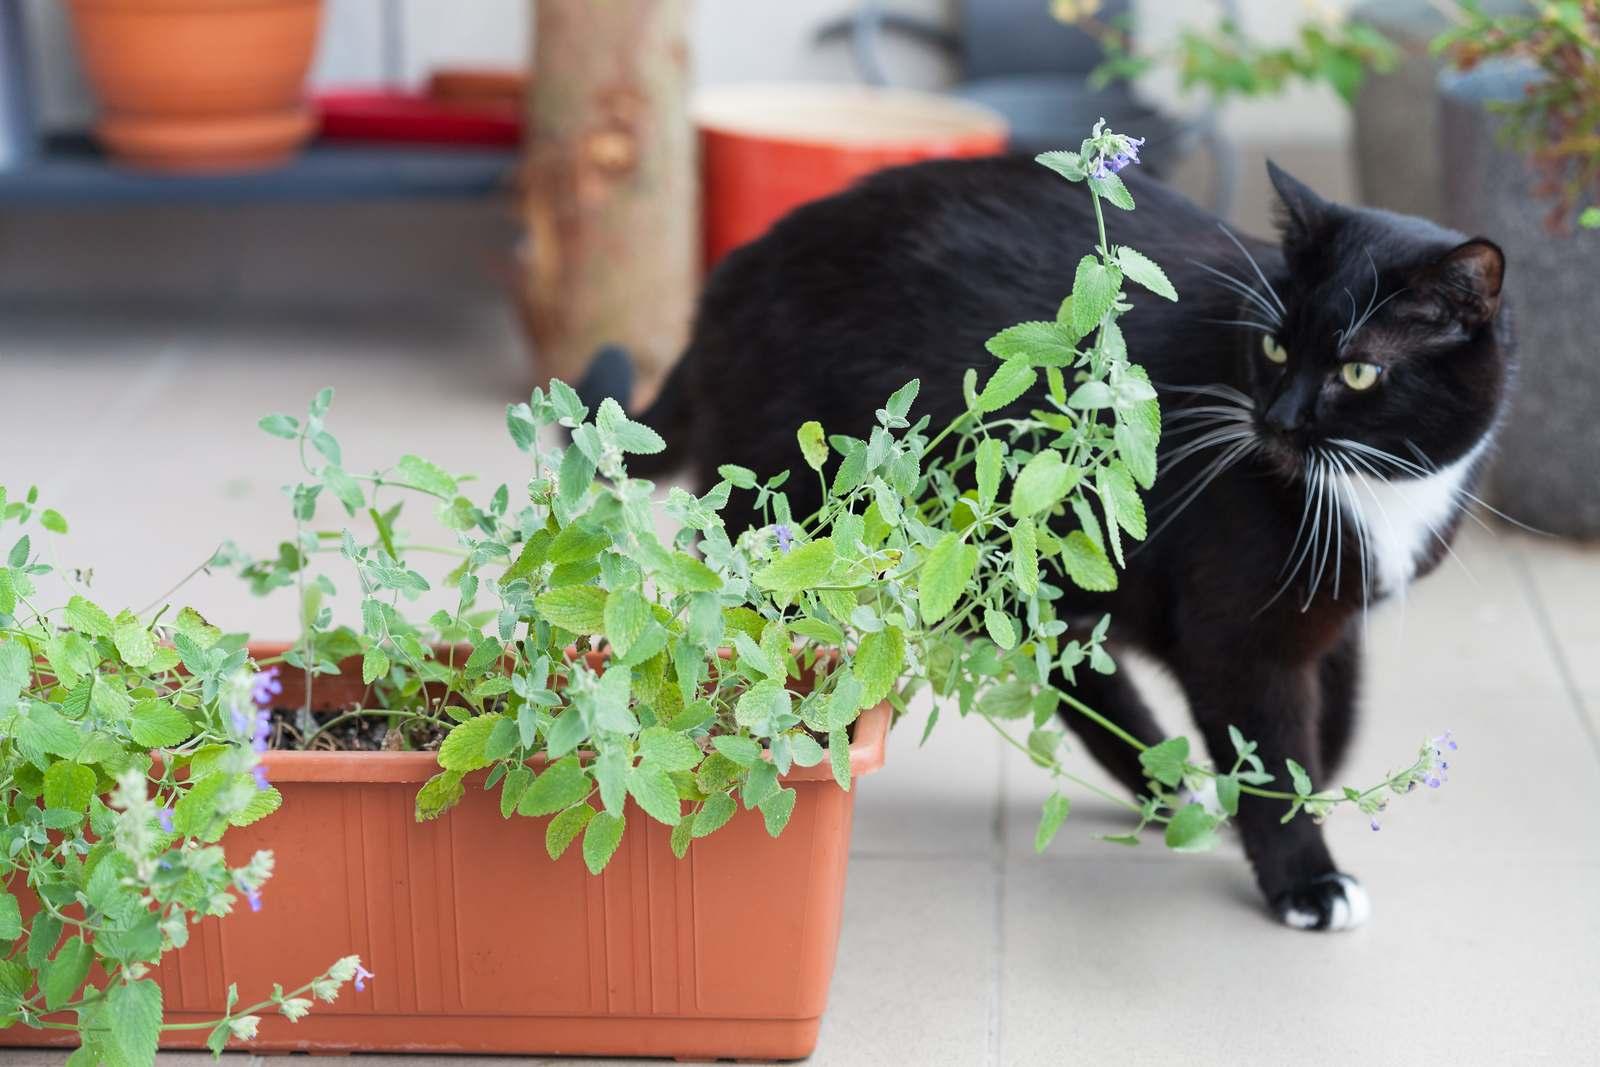 katzenschreck im test effektive abwehr gegen katzen im garten plantura. Black Bedroom Furniture Sets. Home Design Ideas